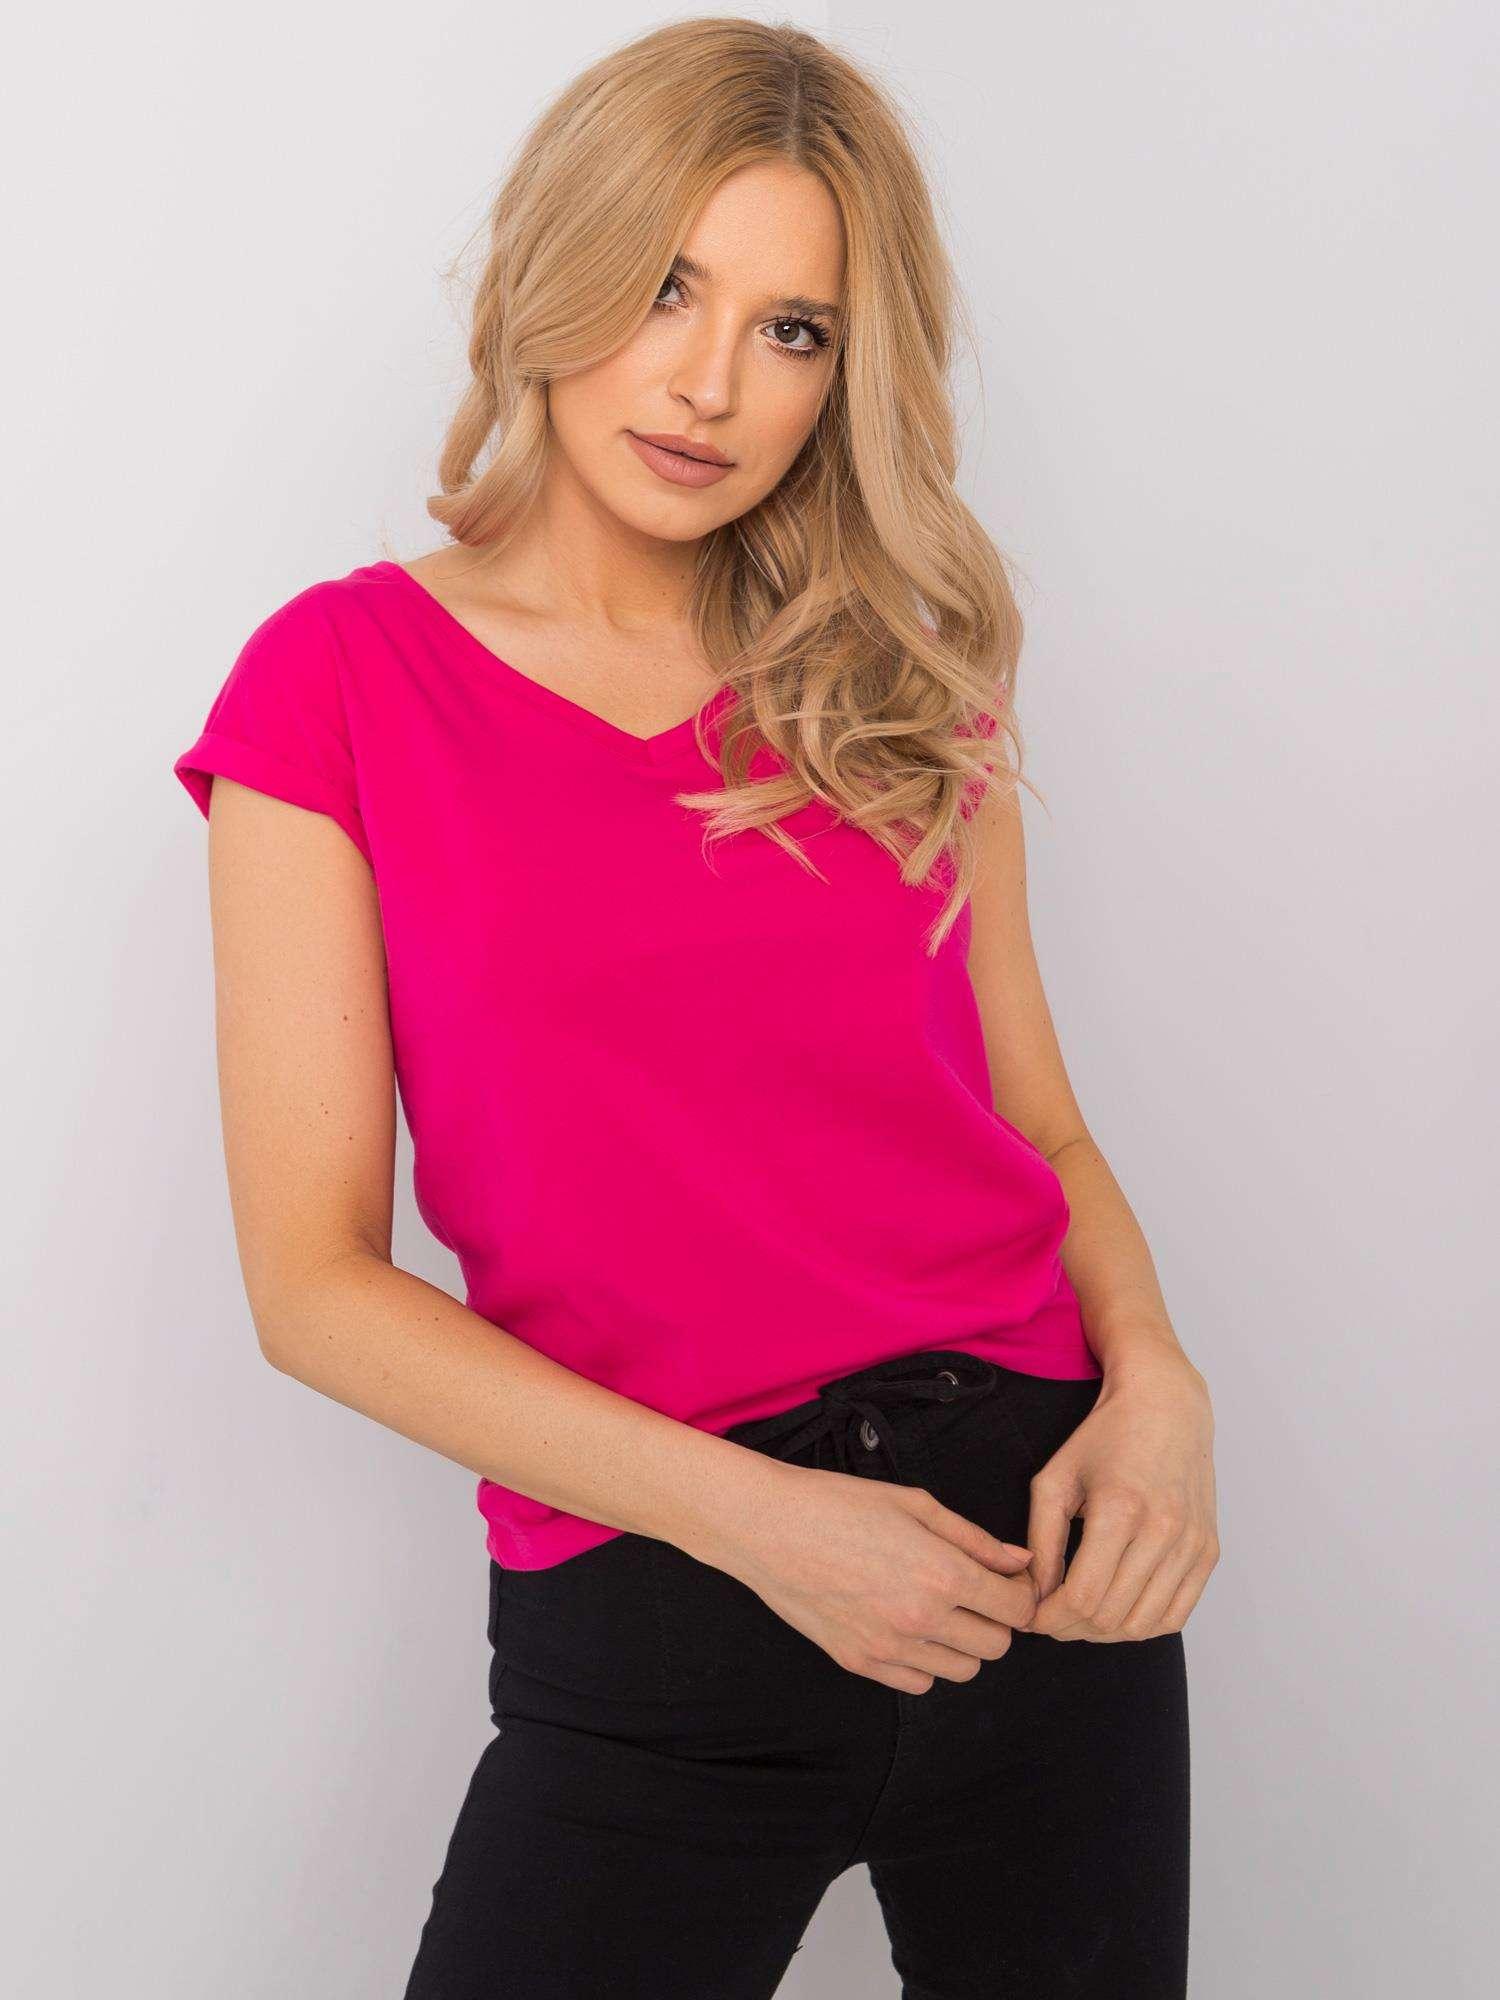 T-Shirt in Pink mit V-Ausschnitt Vorderansicht Kopf geneigt